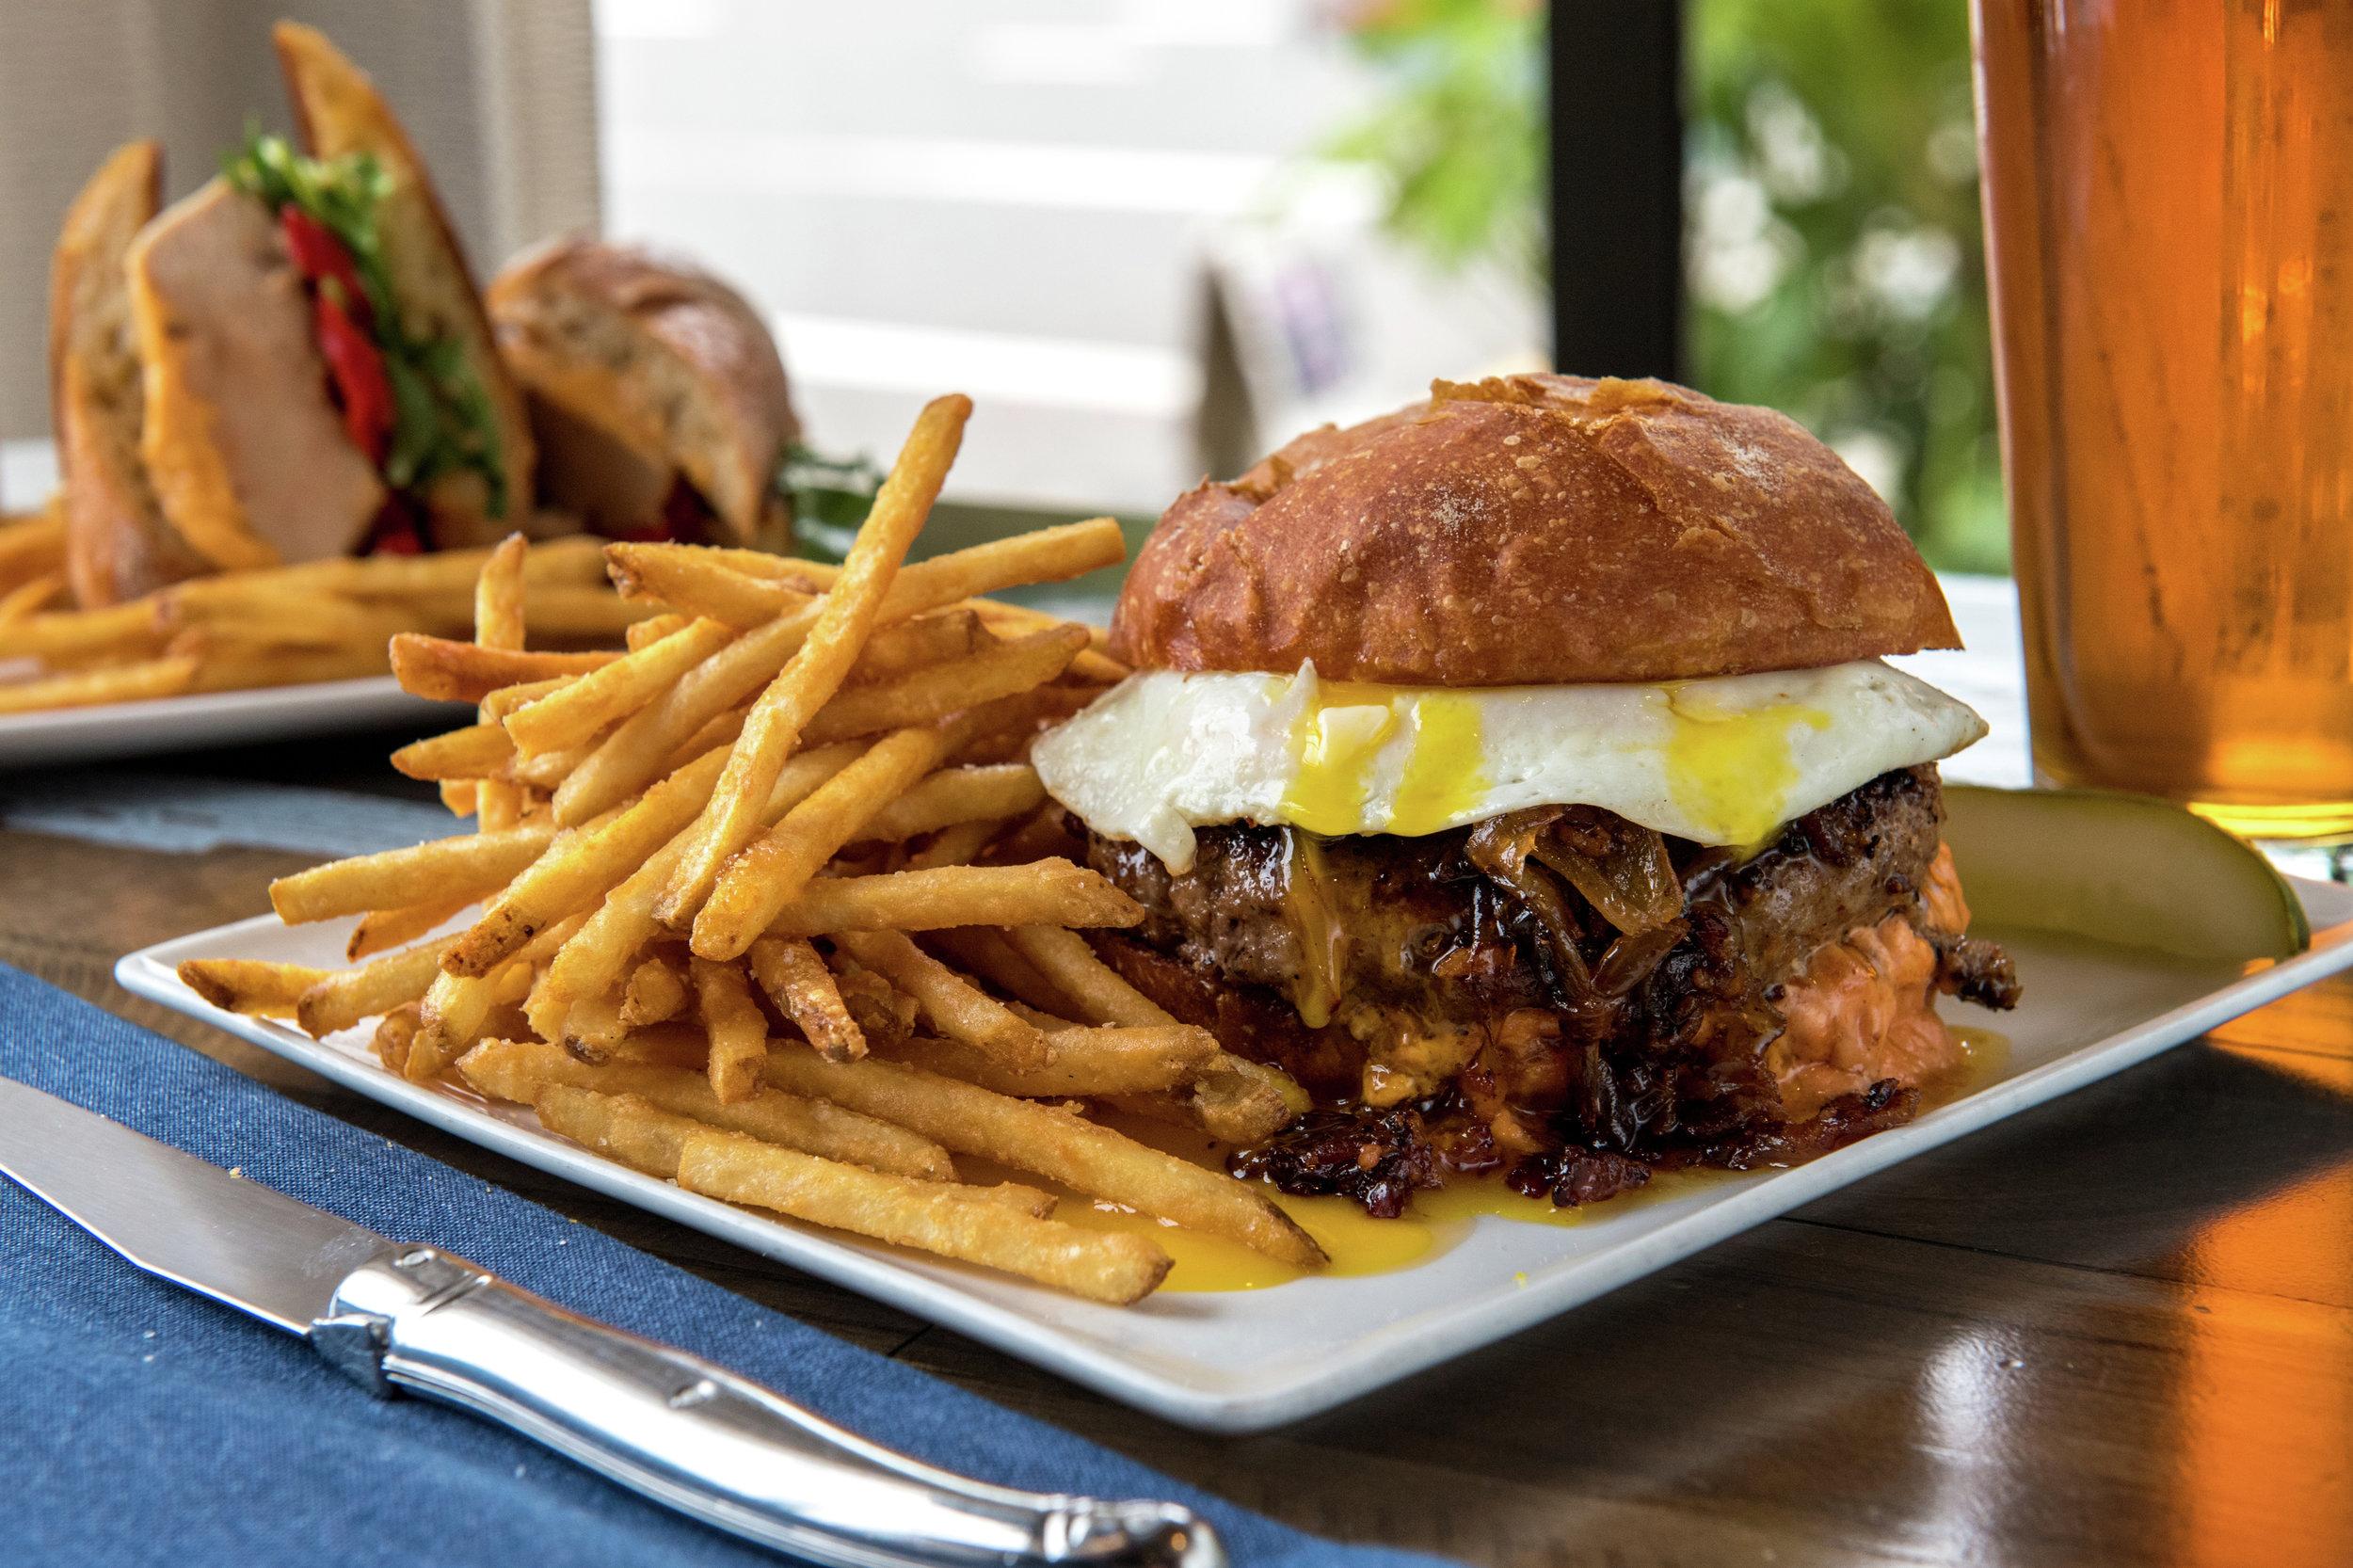 B K-Lunch-KitchenBurger-3500x2333.jpg